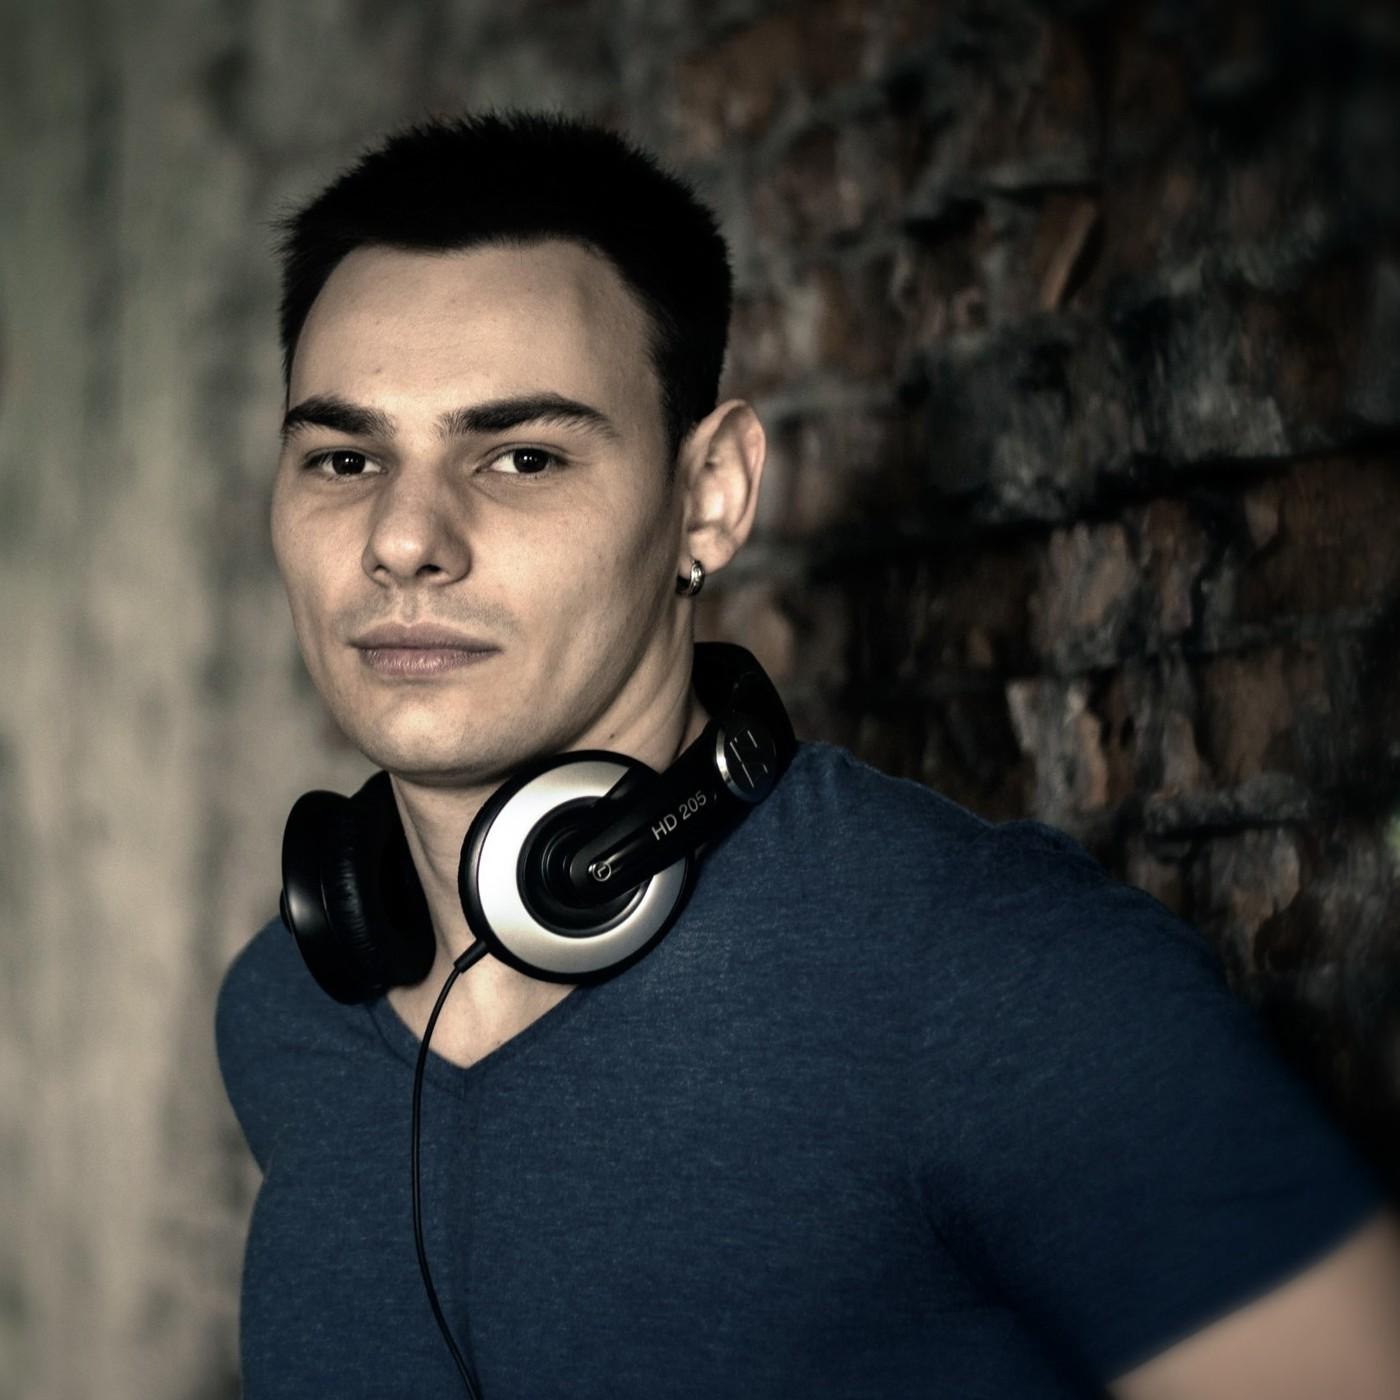 DJ Jean AleksandrOFF